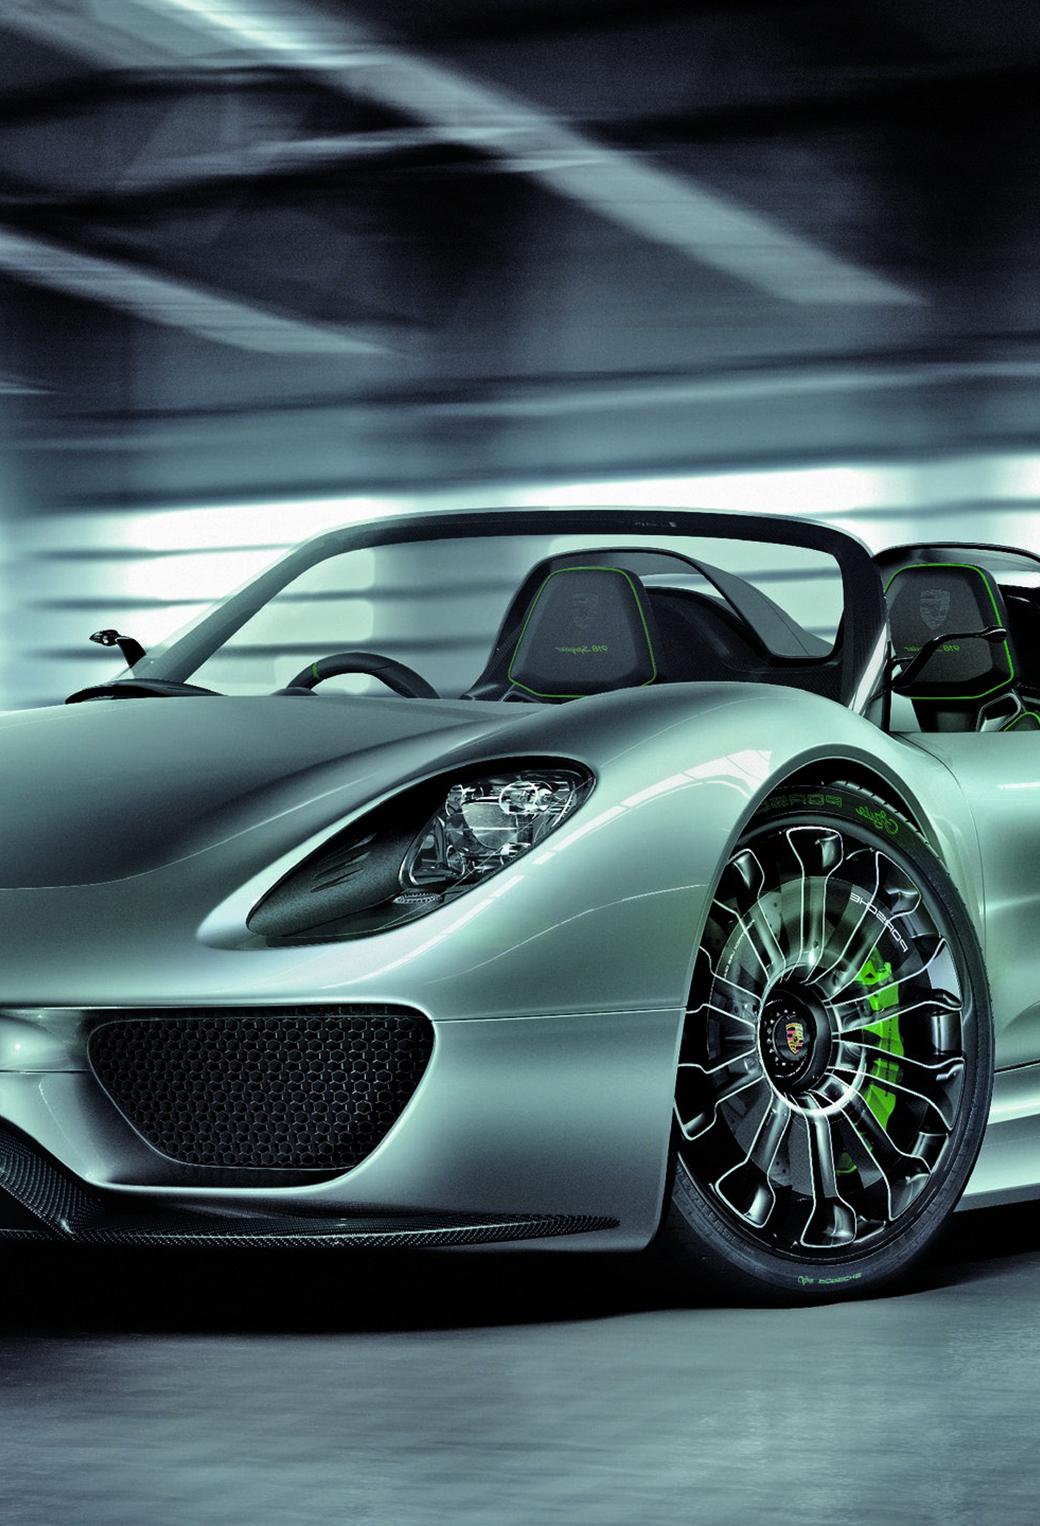 Porsche 918 Spyder 3Wallpapers iPhone parallax Porsche 918 Spyder